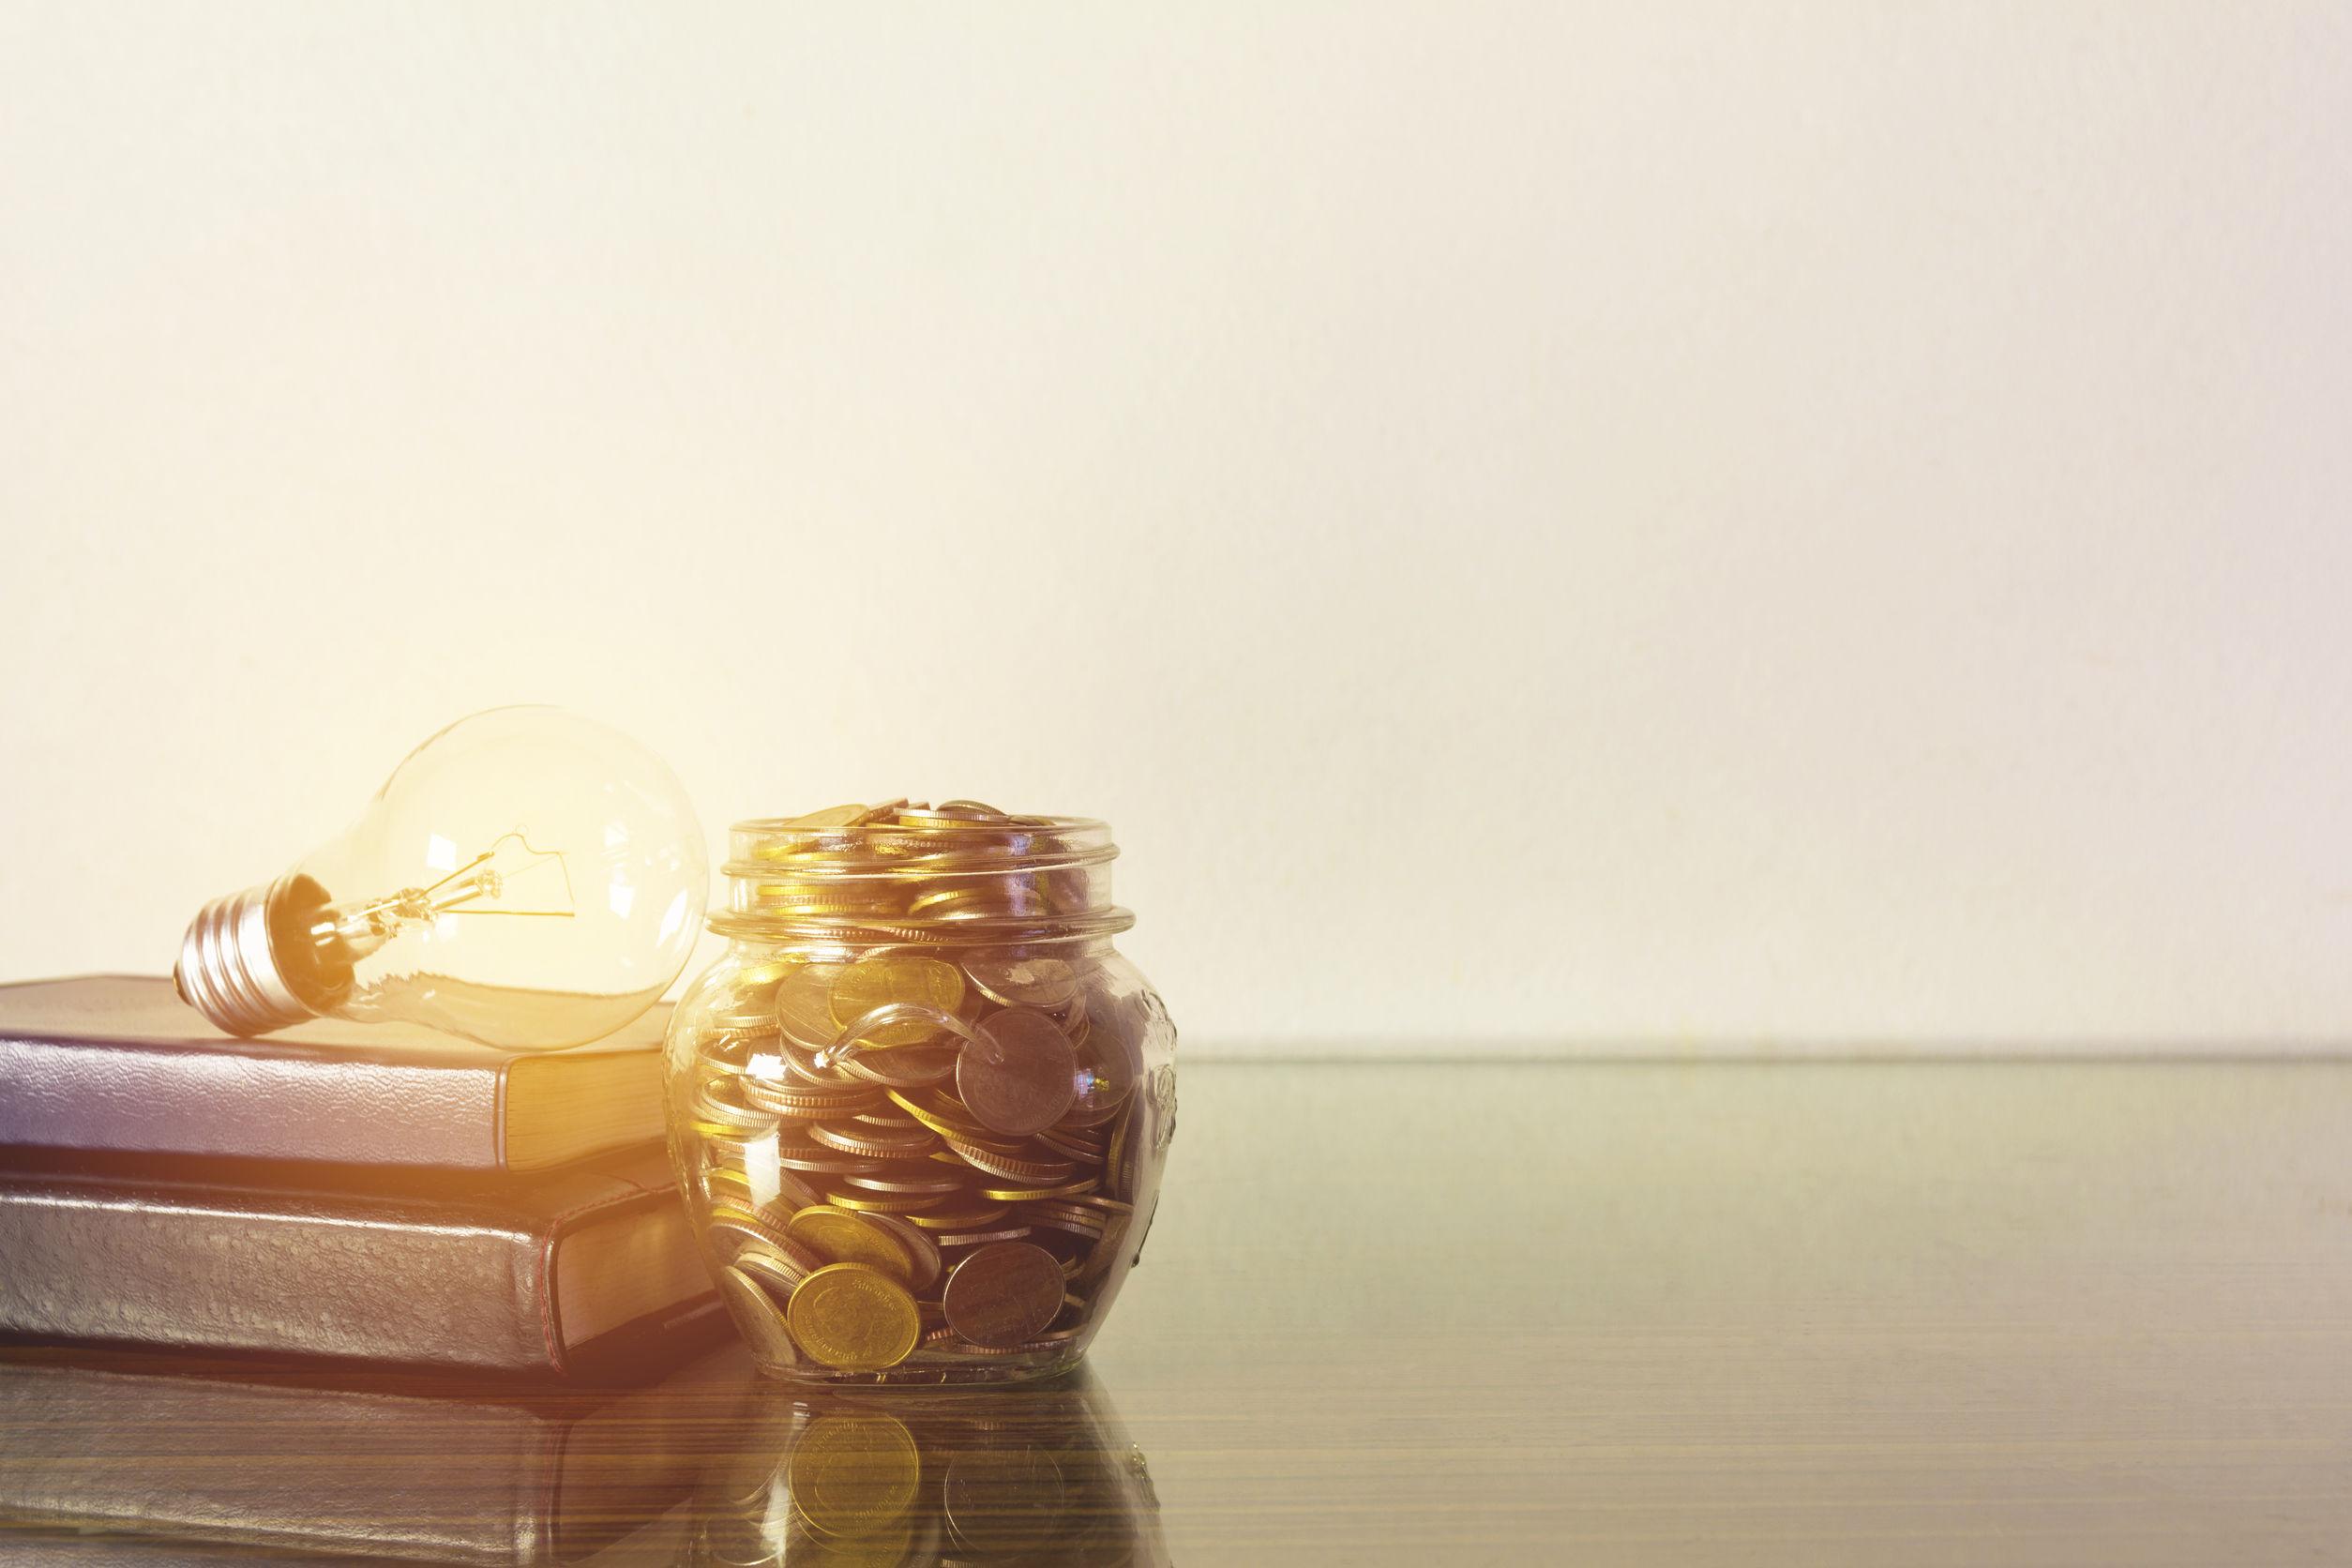 Dois livros no canto esquerdo com uma luz em cima dos livros iluminando a imagem em direção a um cofrinho cheio de moedas.